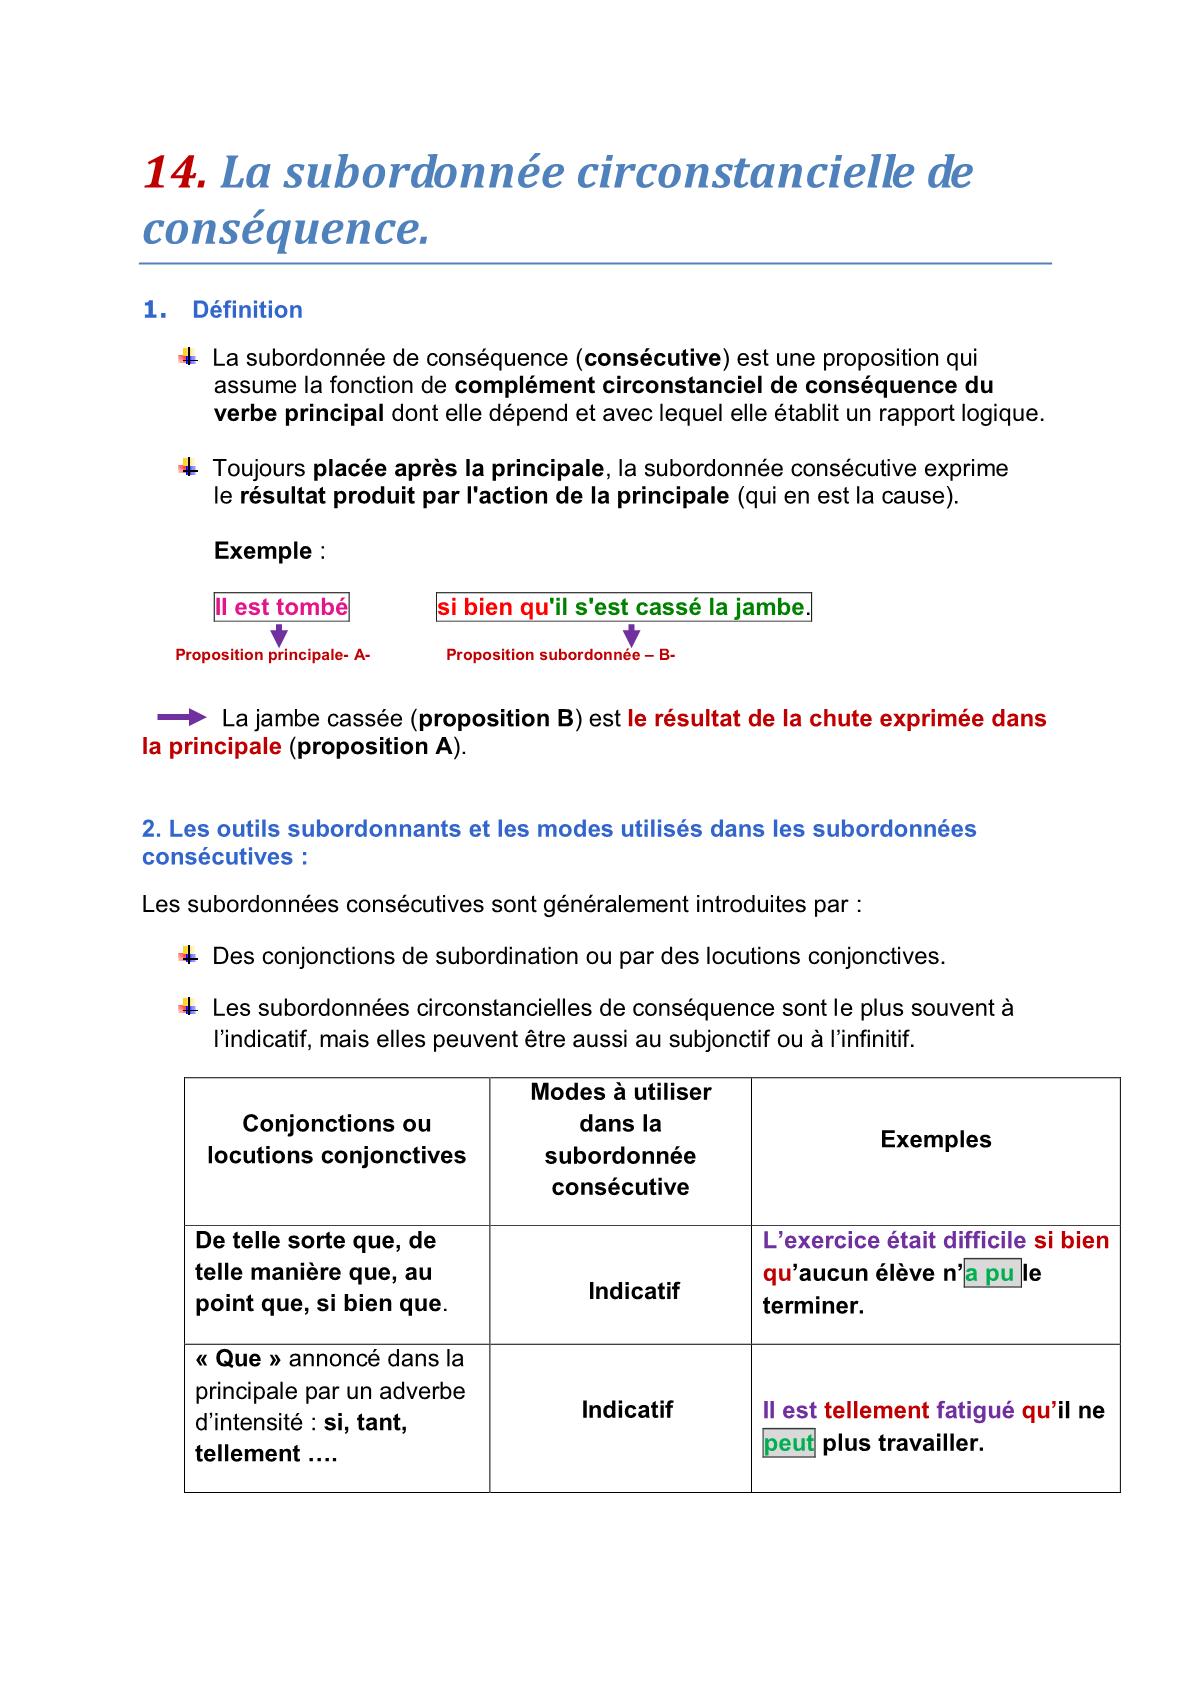 درس La subordonnée circonstancielle de conséquence – اللغة الفرنسية